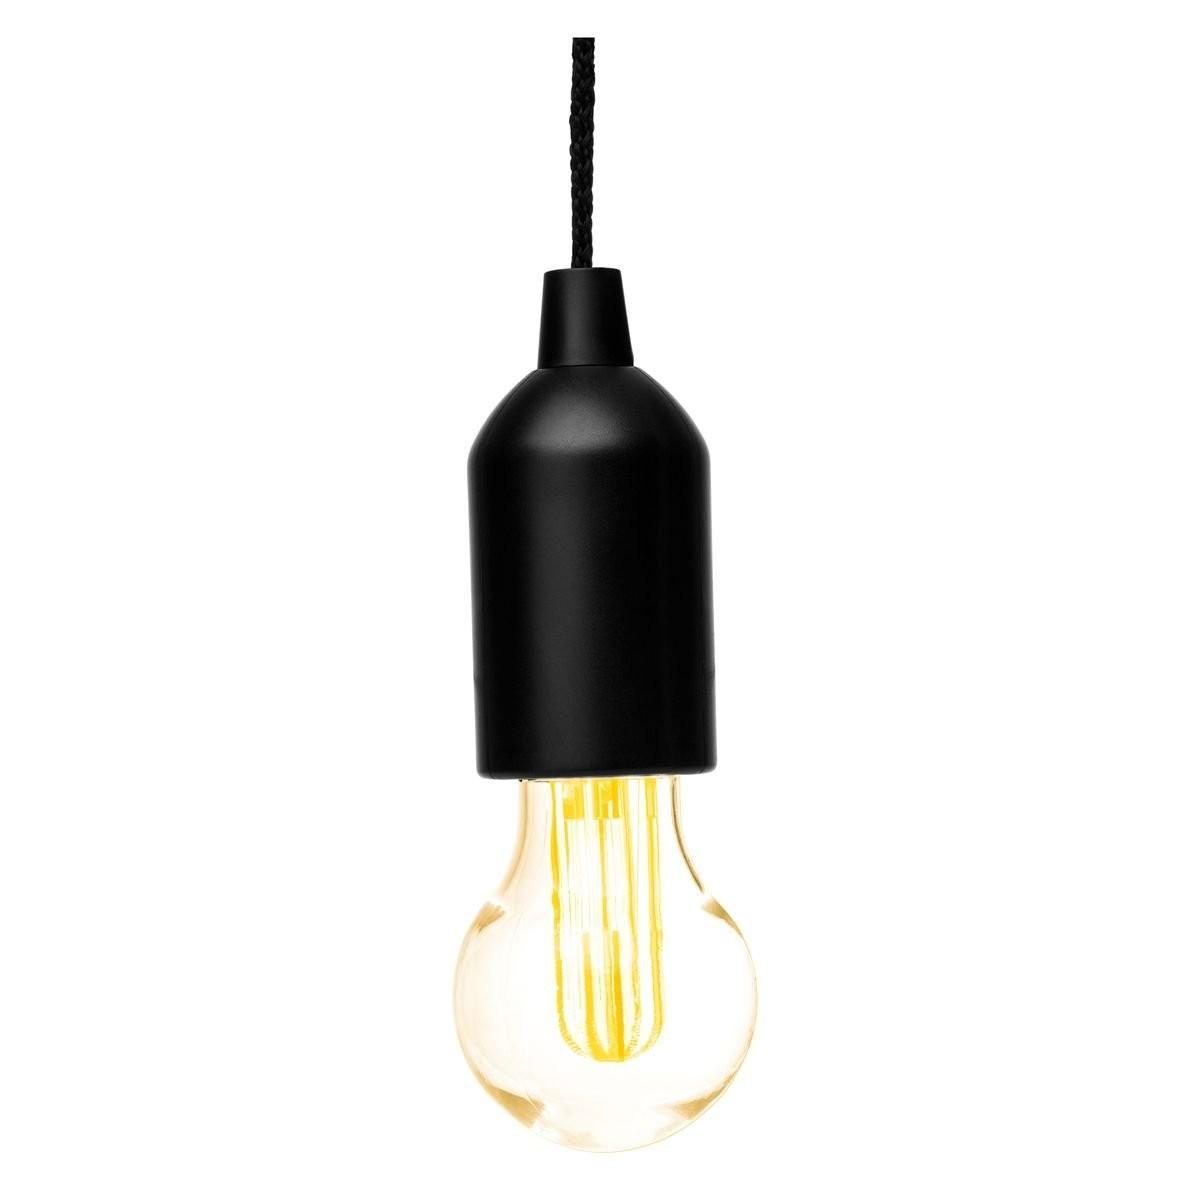 LED Lampe mit effektvollem Wechsellicht REFLECTS-GALESBURG III BLACK, Ansicht 2